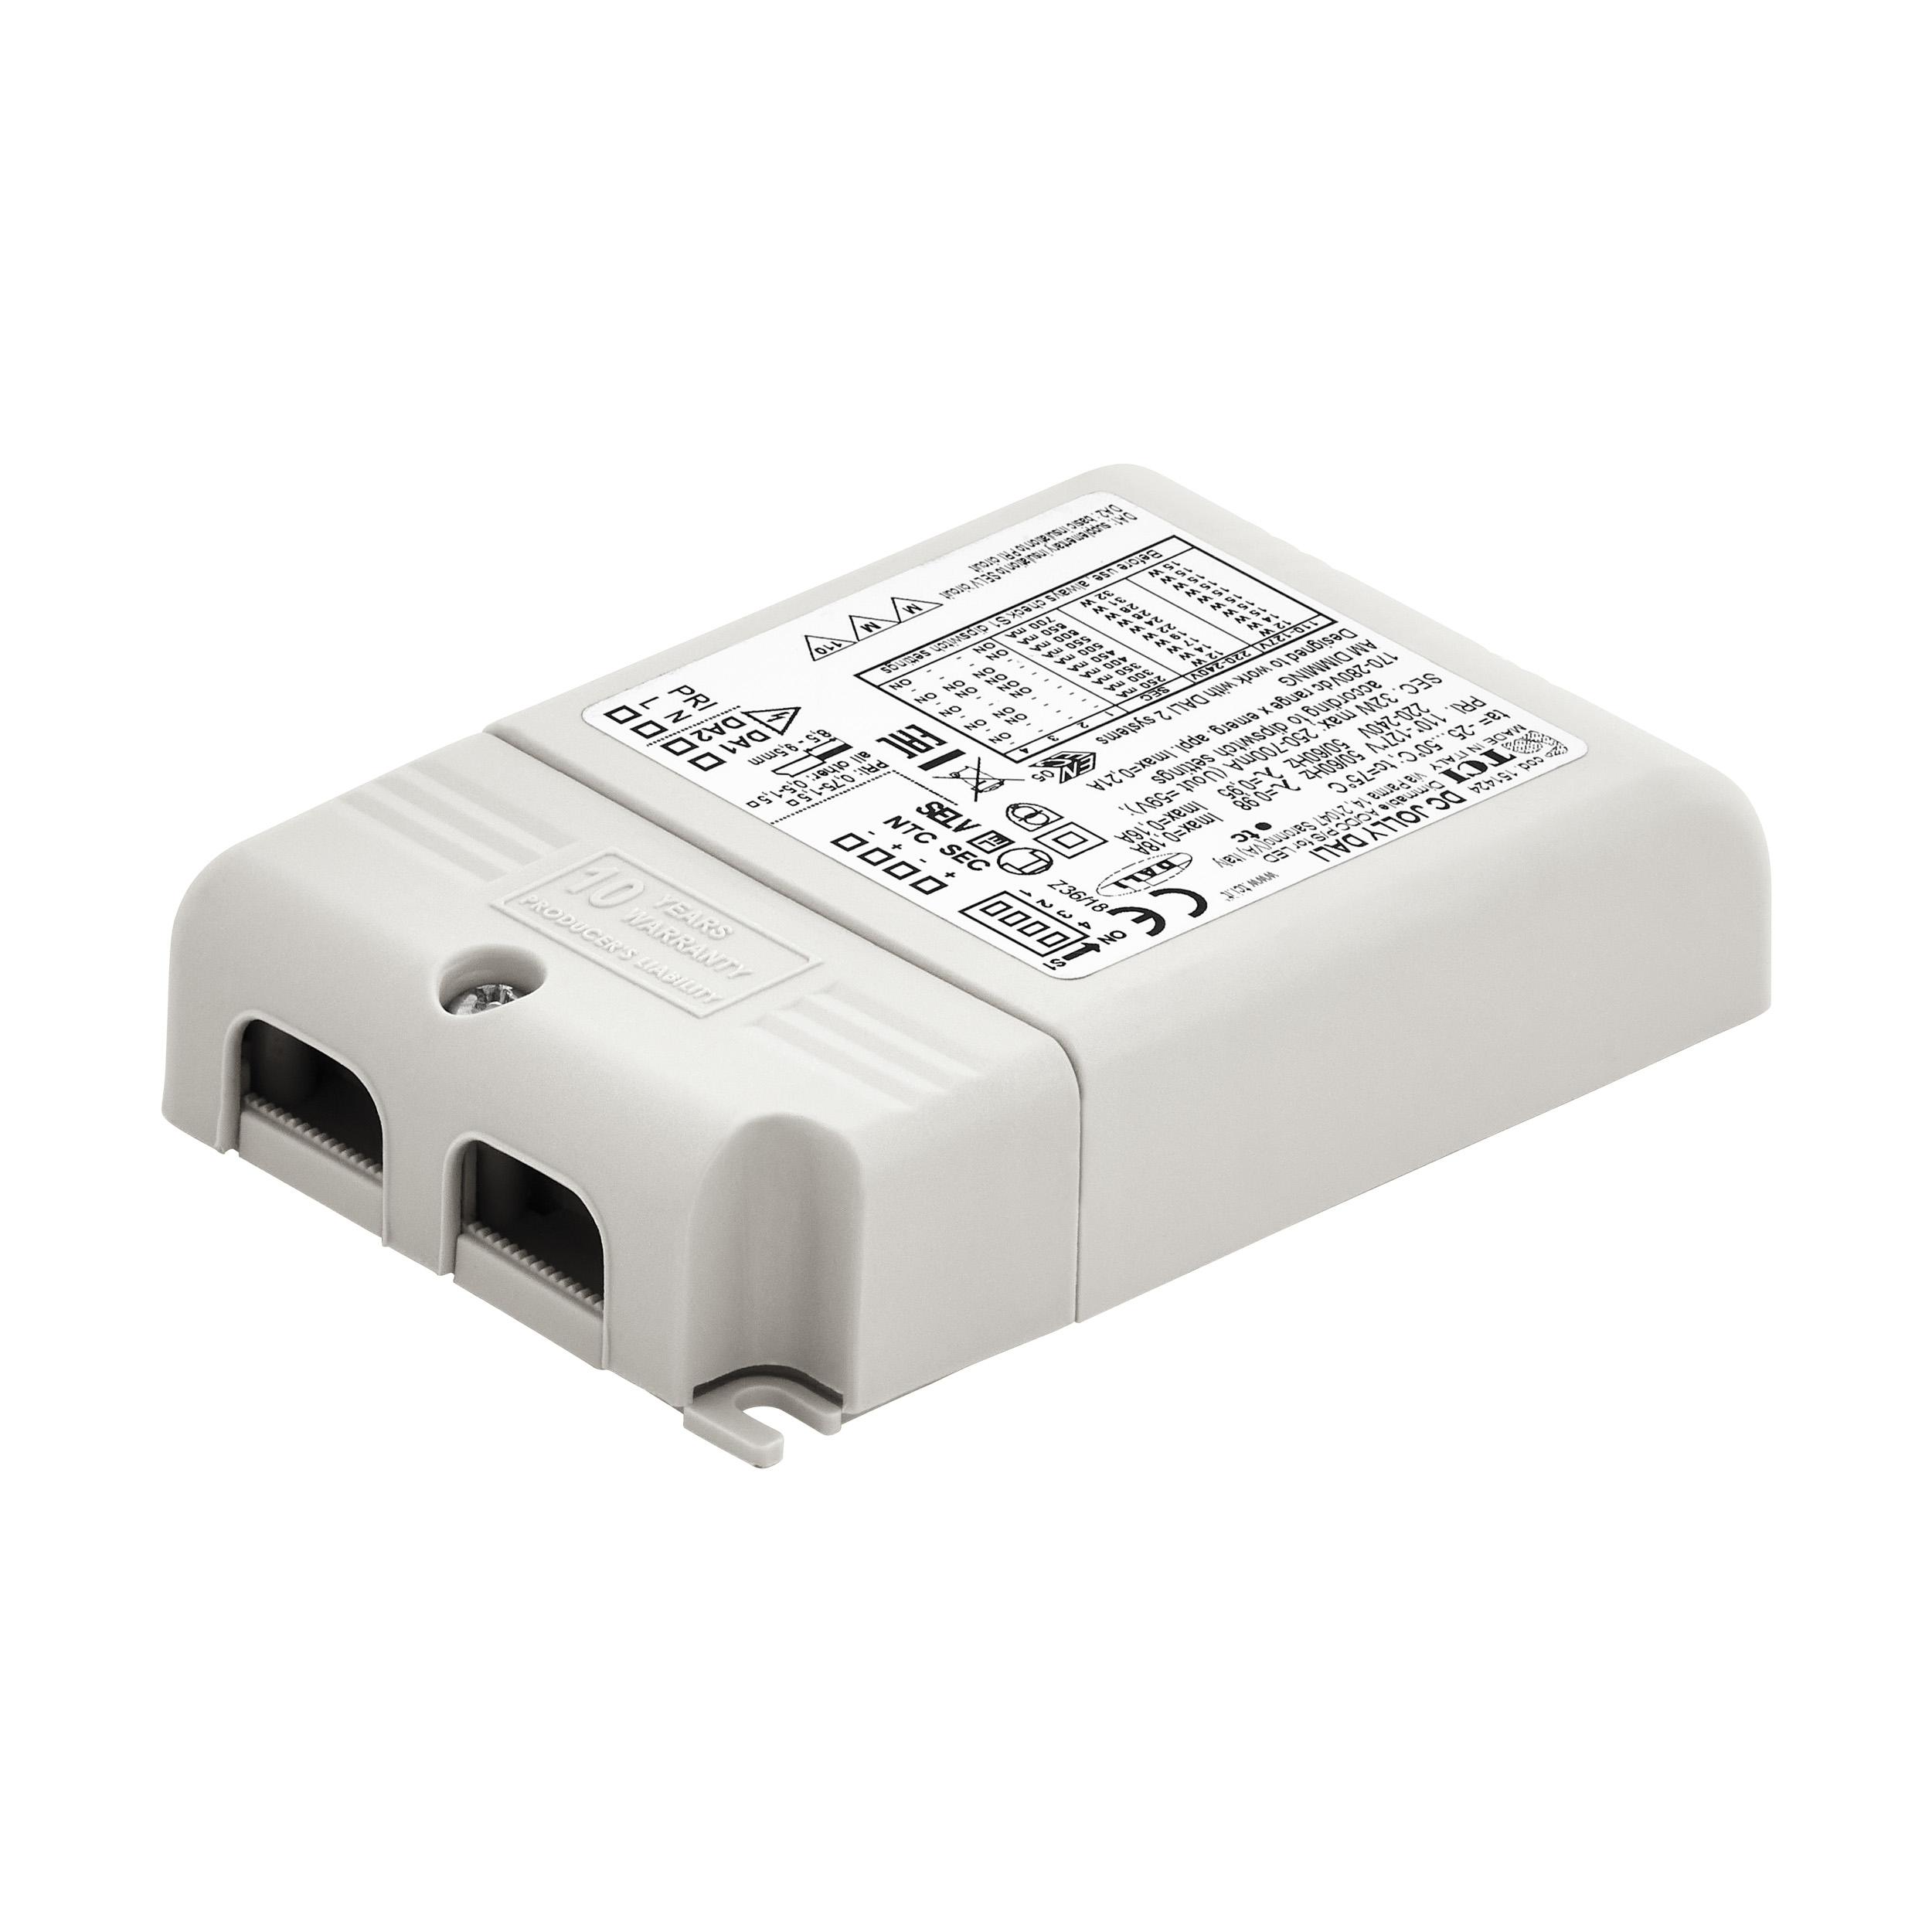 1 Stk LED-TREIBER TCI DC JOLLY DALI 32 LI69257---